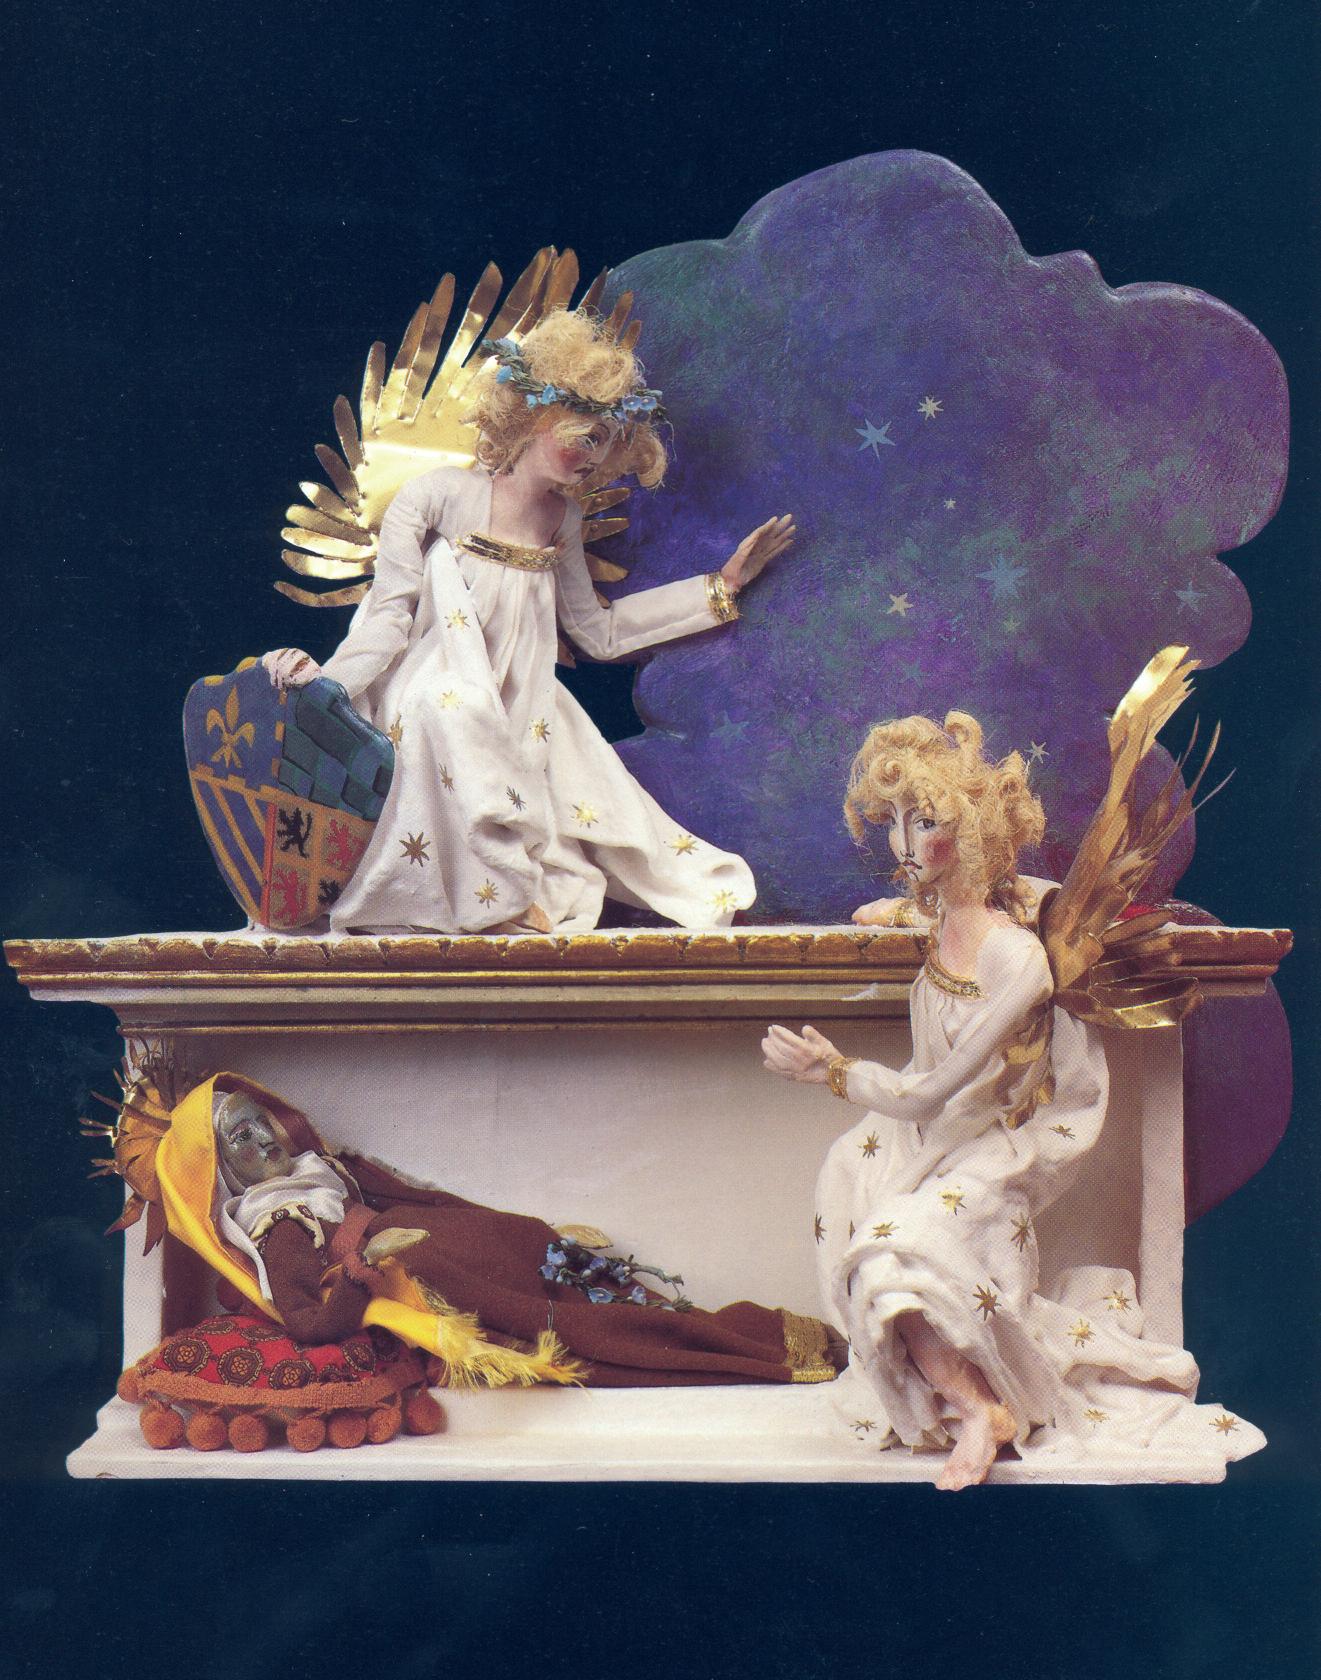 Edicola di San Giorgio, 1987. Legno, creta, gesso, stoffa, cartapesta, ottone; cm 44x35